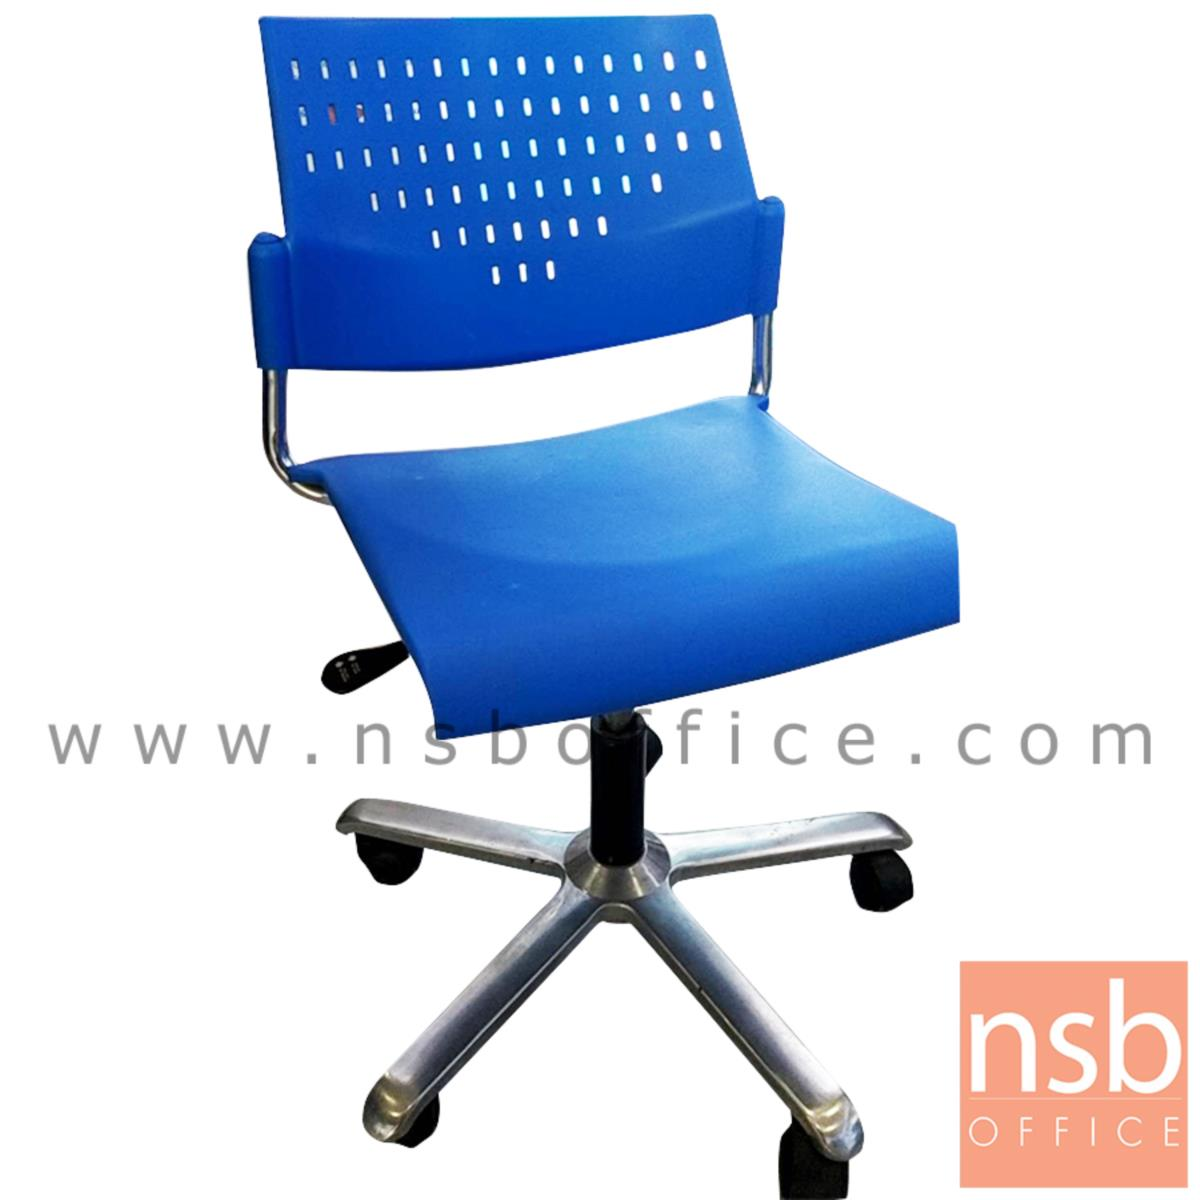 เก้าอี้สำนักงานโพลี่ รุ่น P716  โช๊คแก๊ส ขาเหล็กชุบโครเมี่ยม